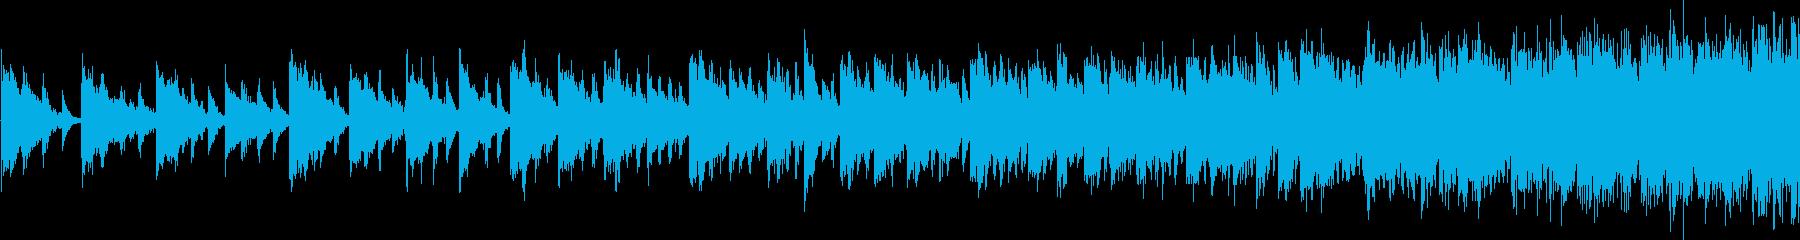 上昇する旋律が次第に早くなるSE_ループの再生済みの波形